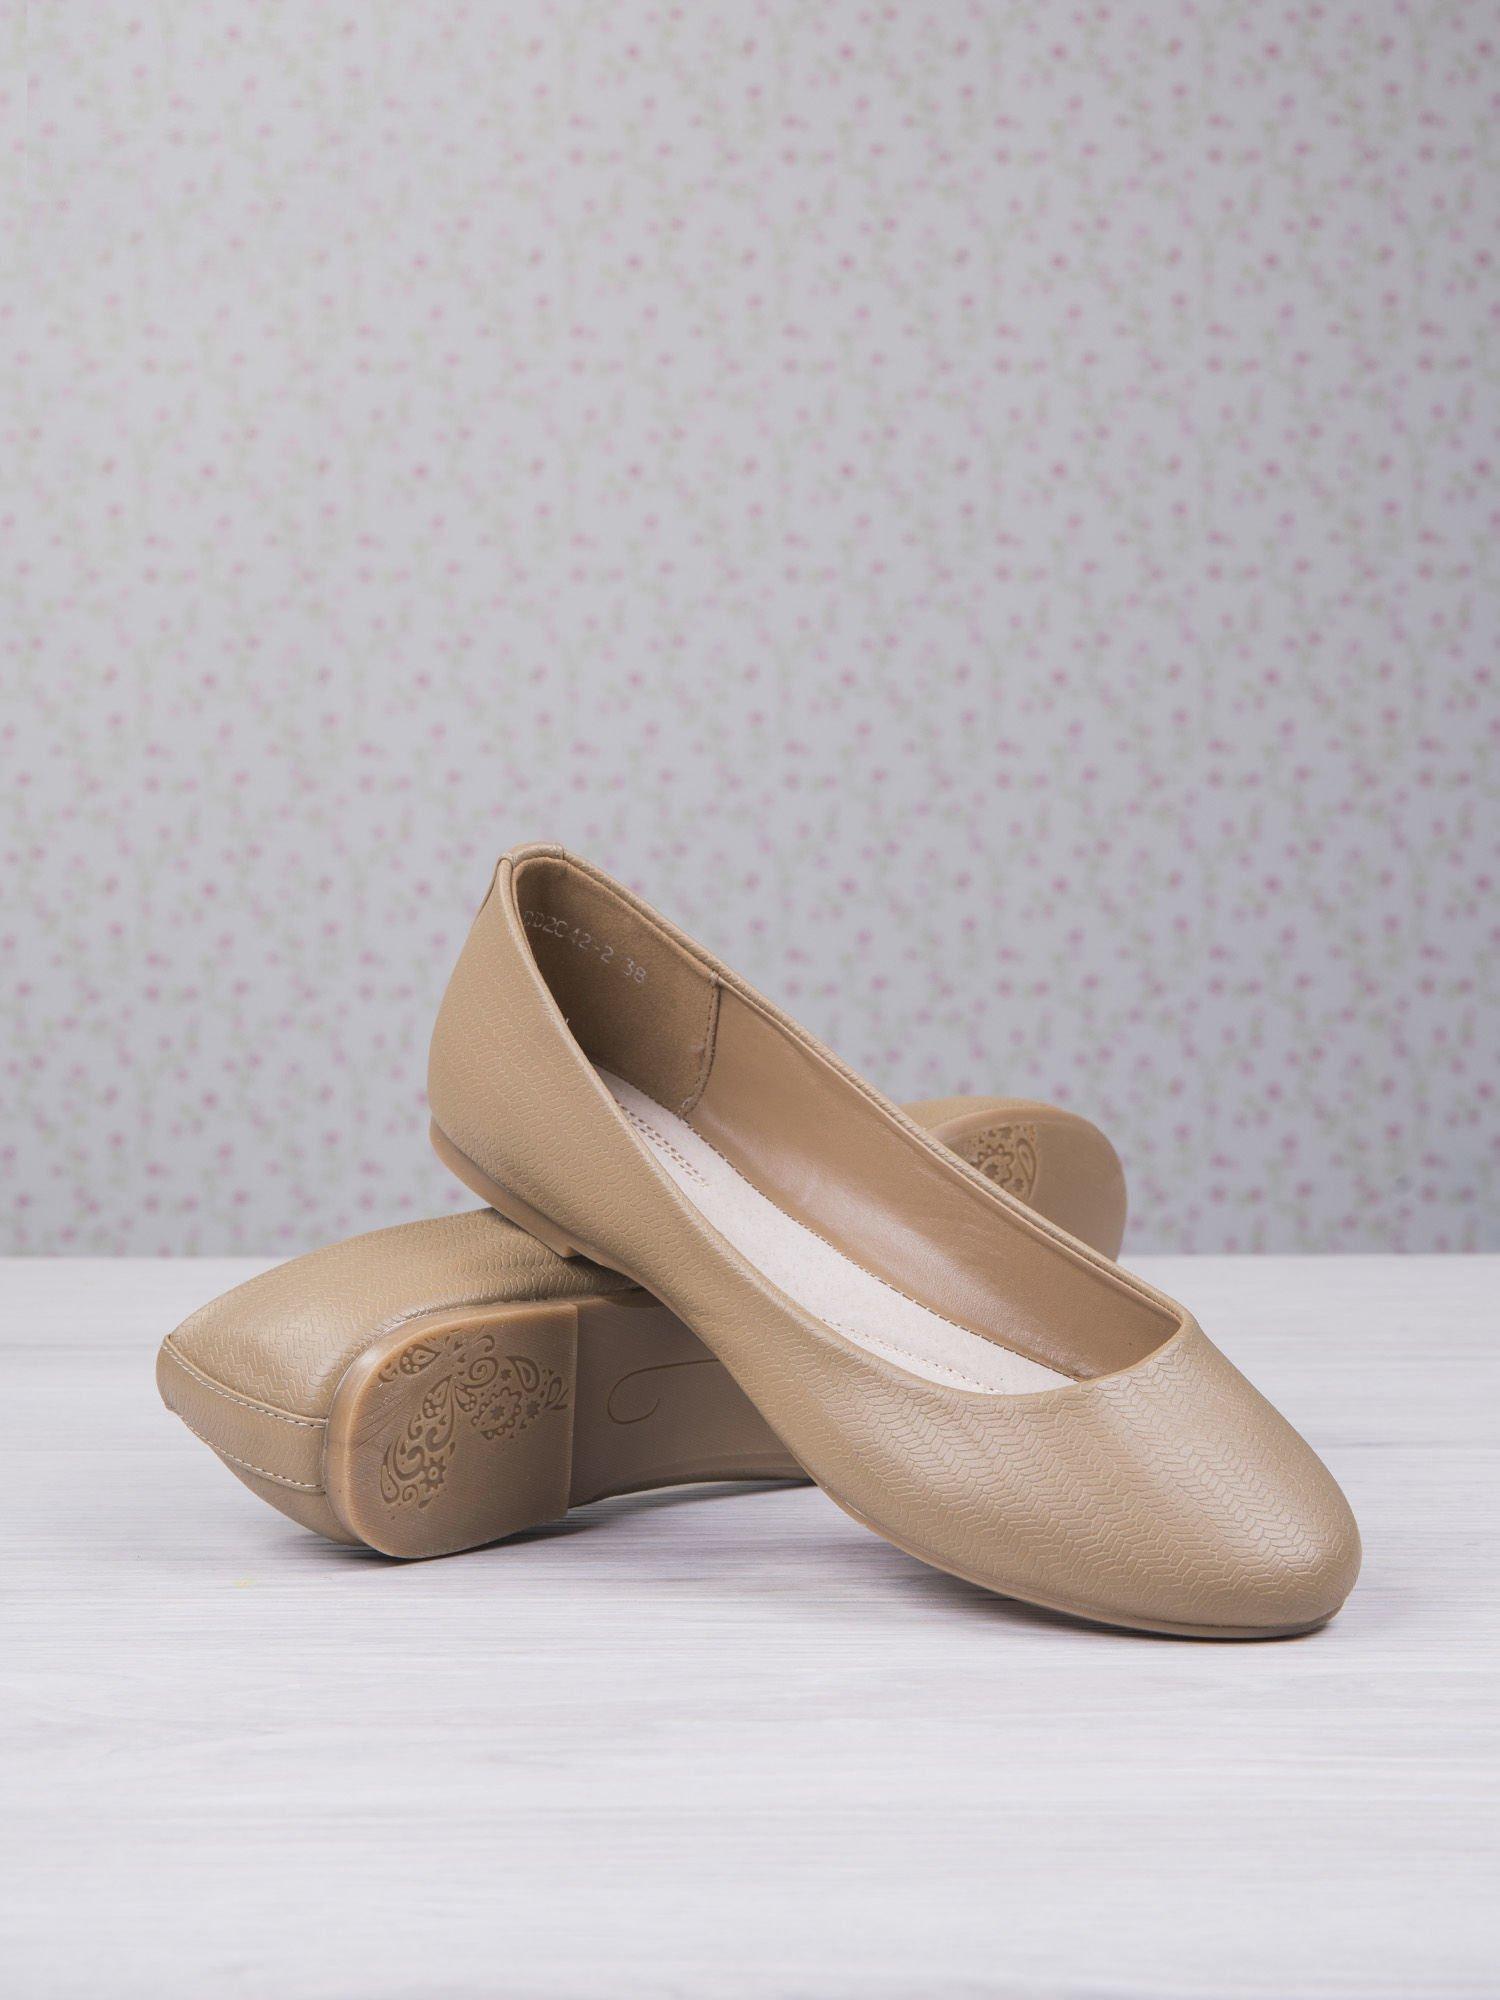 Beżowe baleriny saffiano effect w jodełkę                                  zdj.                                  3